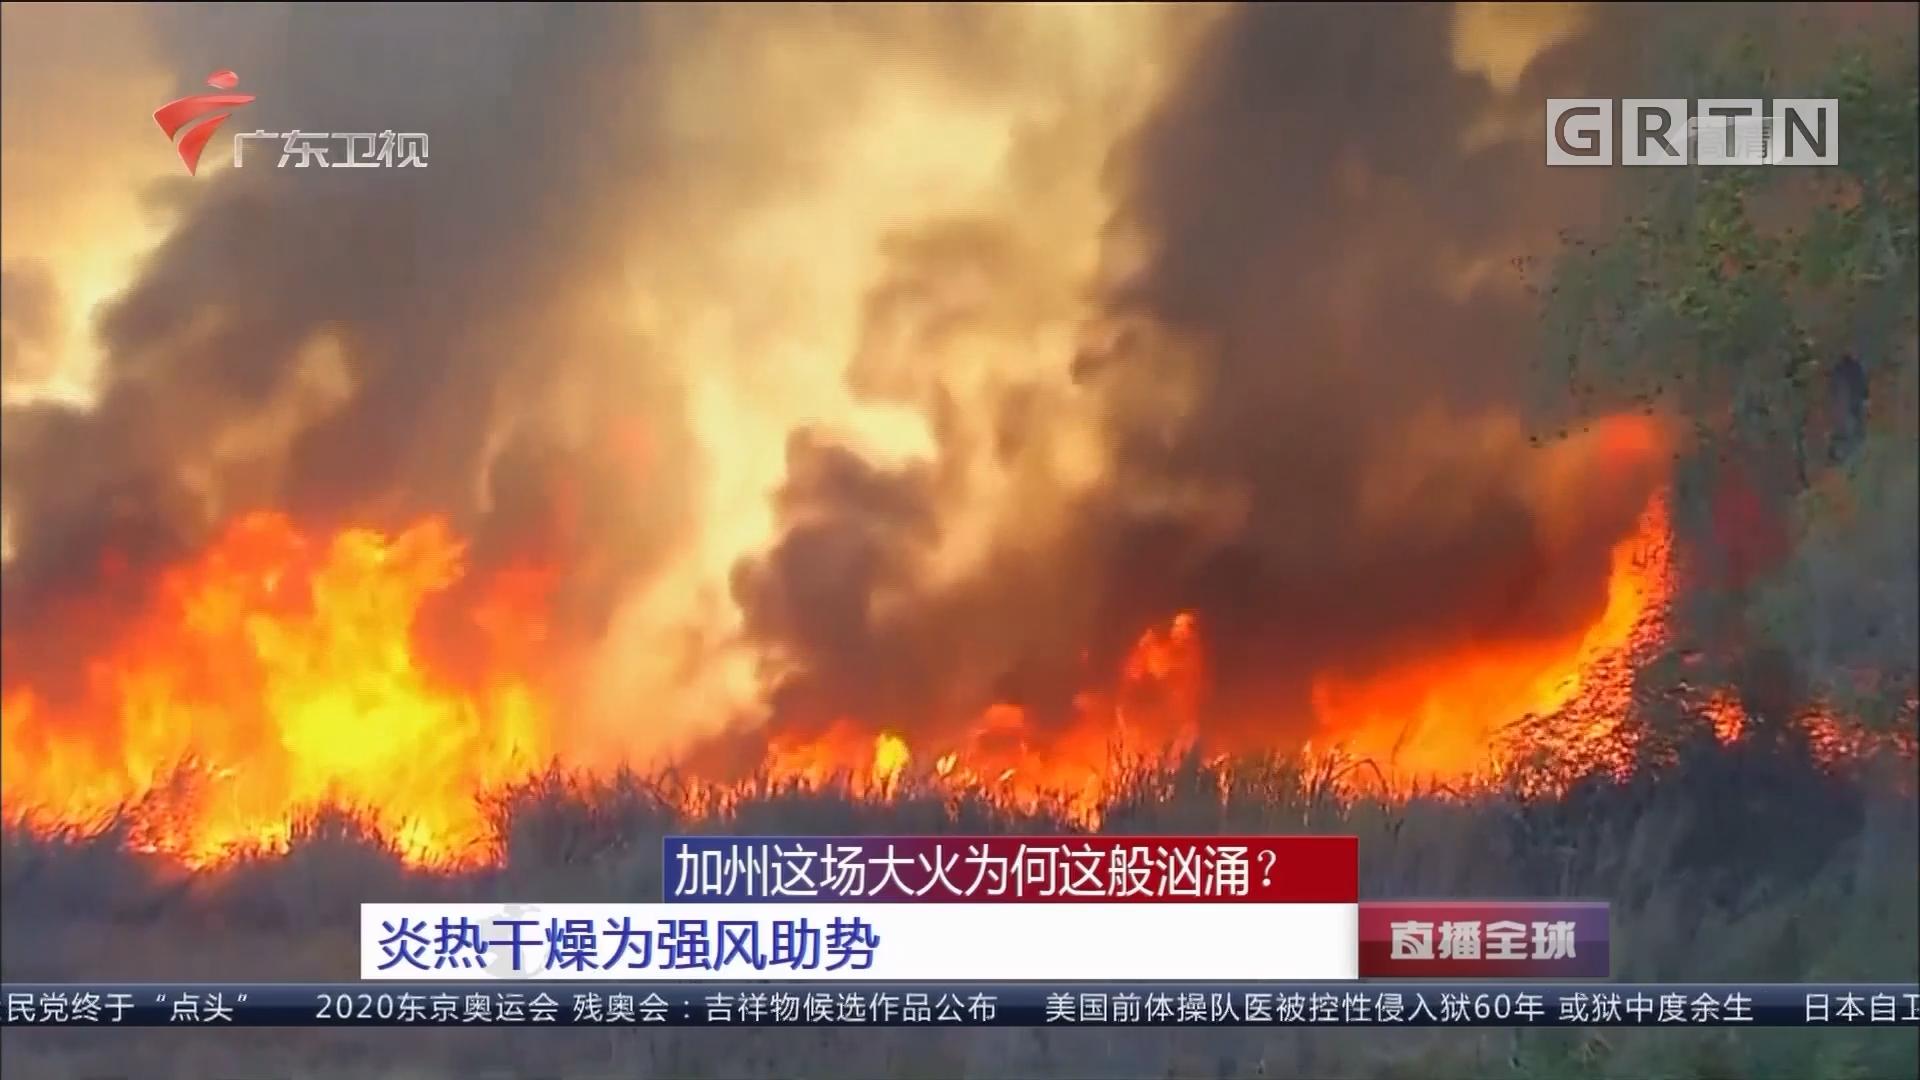 加州这场大火为何这般汹涌? 炎热干燥为强风助势